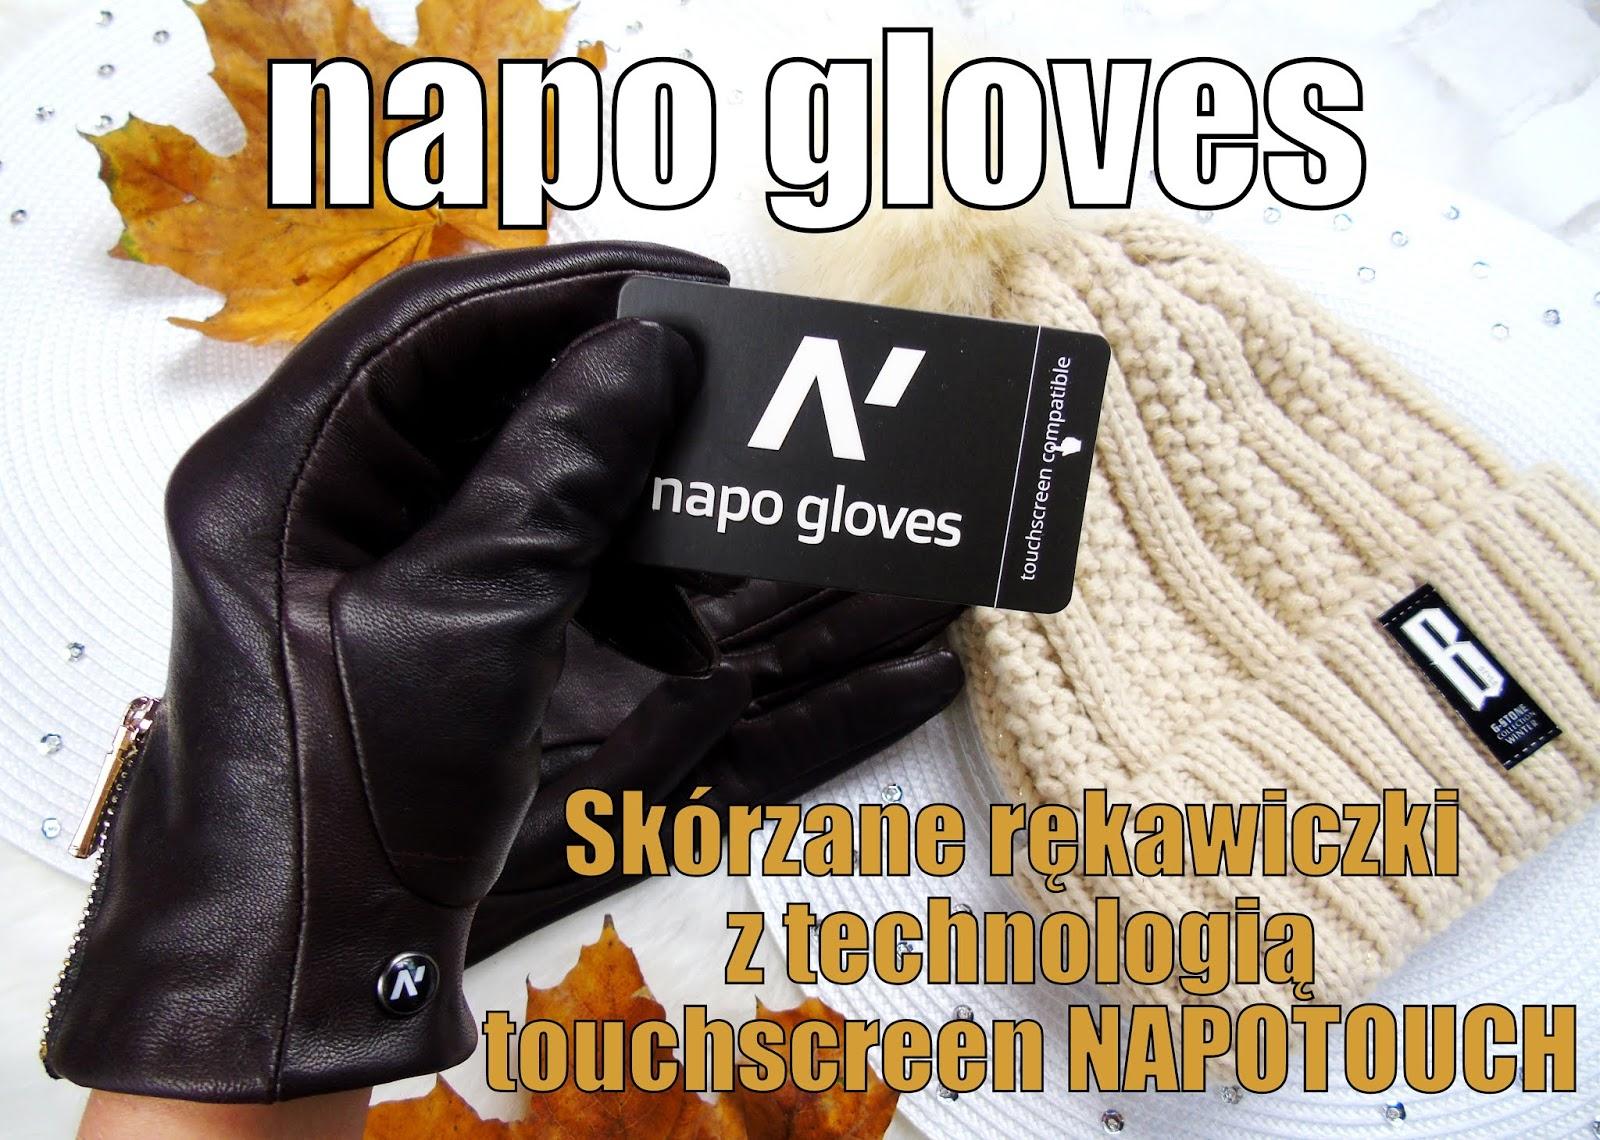 Blog testerski: napo gloves - ekskluzywne rękawiczki skórzane, kompatybilne z dotykowymi urządzeniami mobilnymi